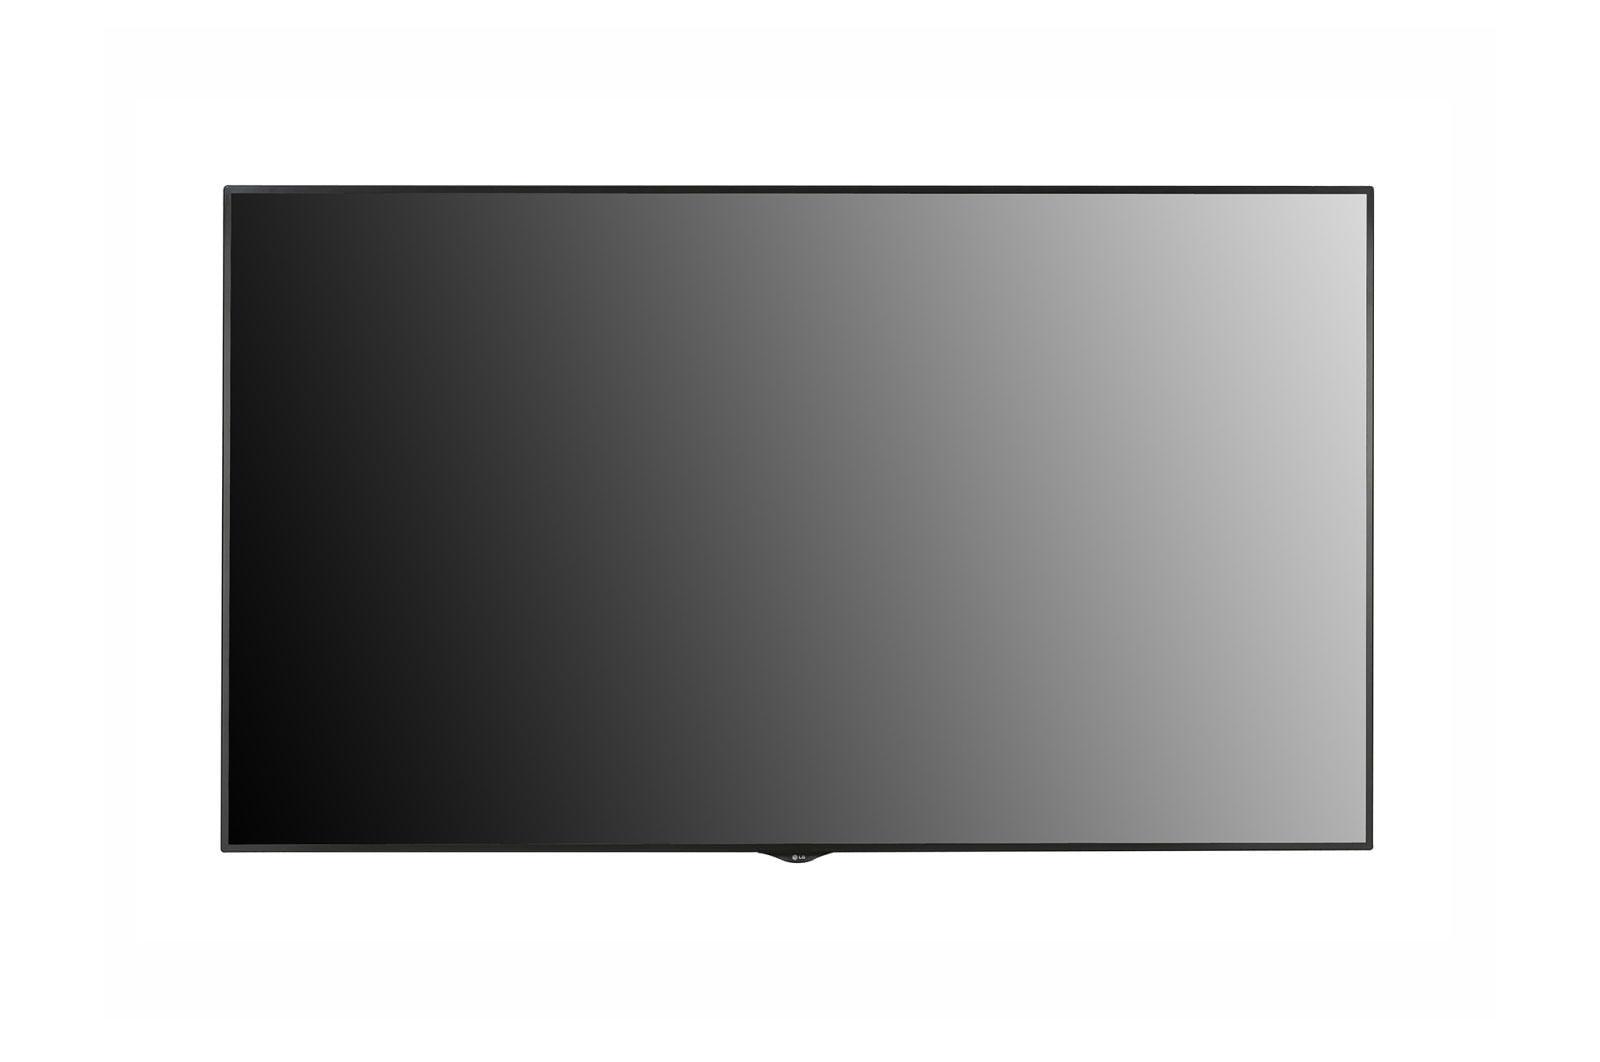 LG UH5E Series, 98UH5E-B front view, 98UH5E-B